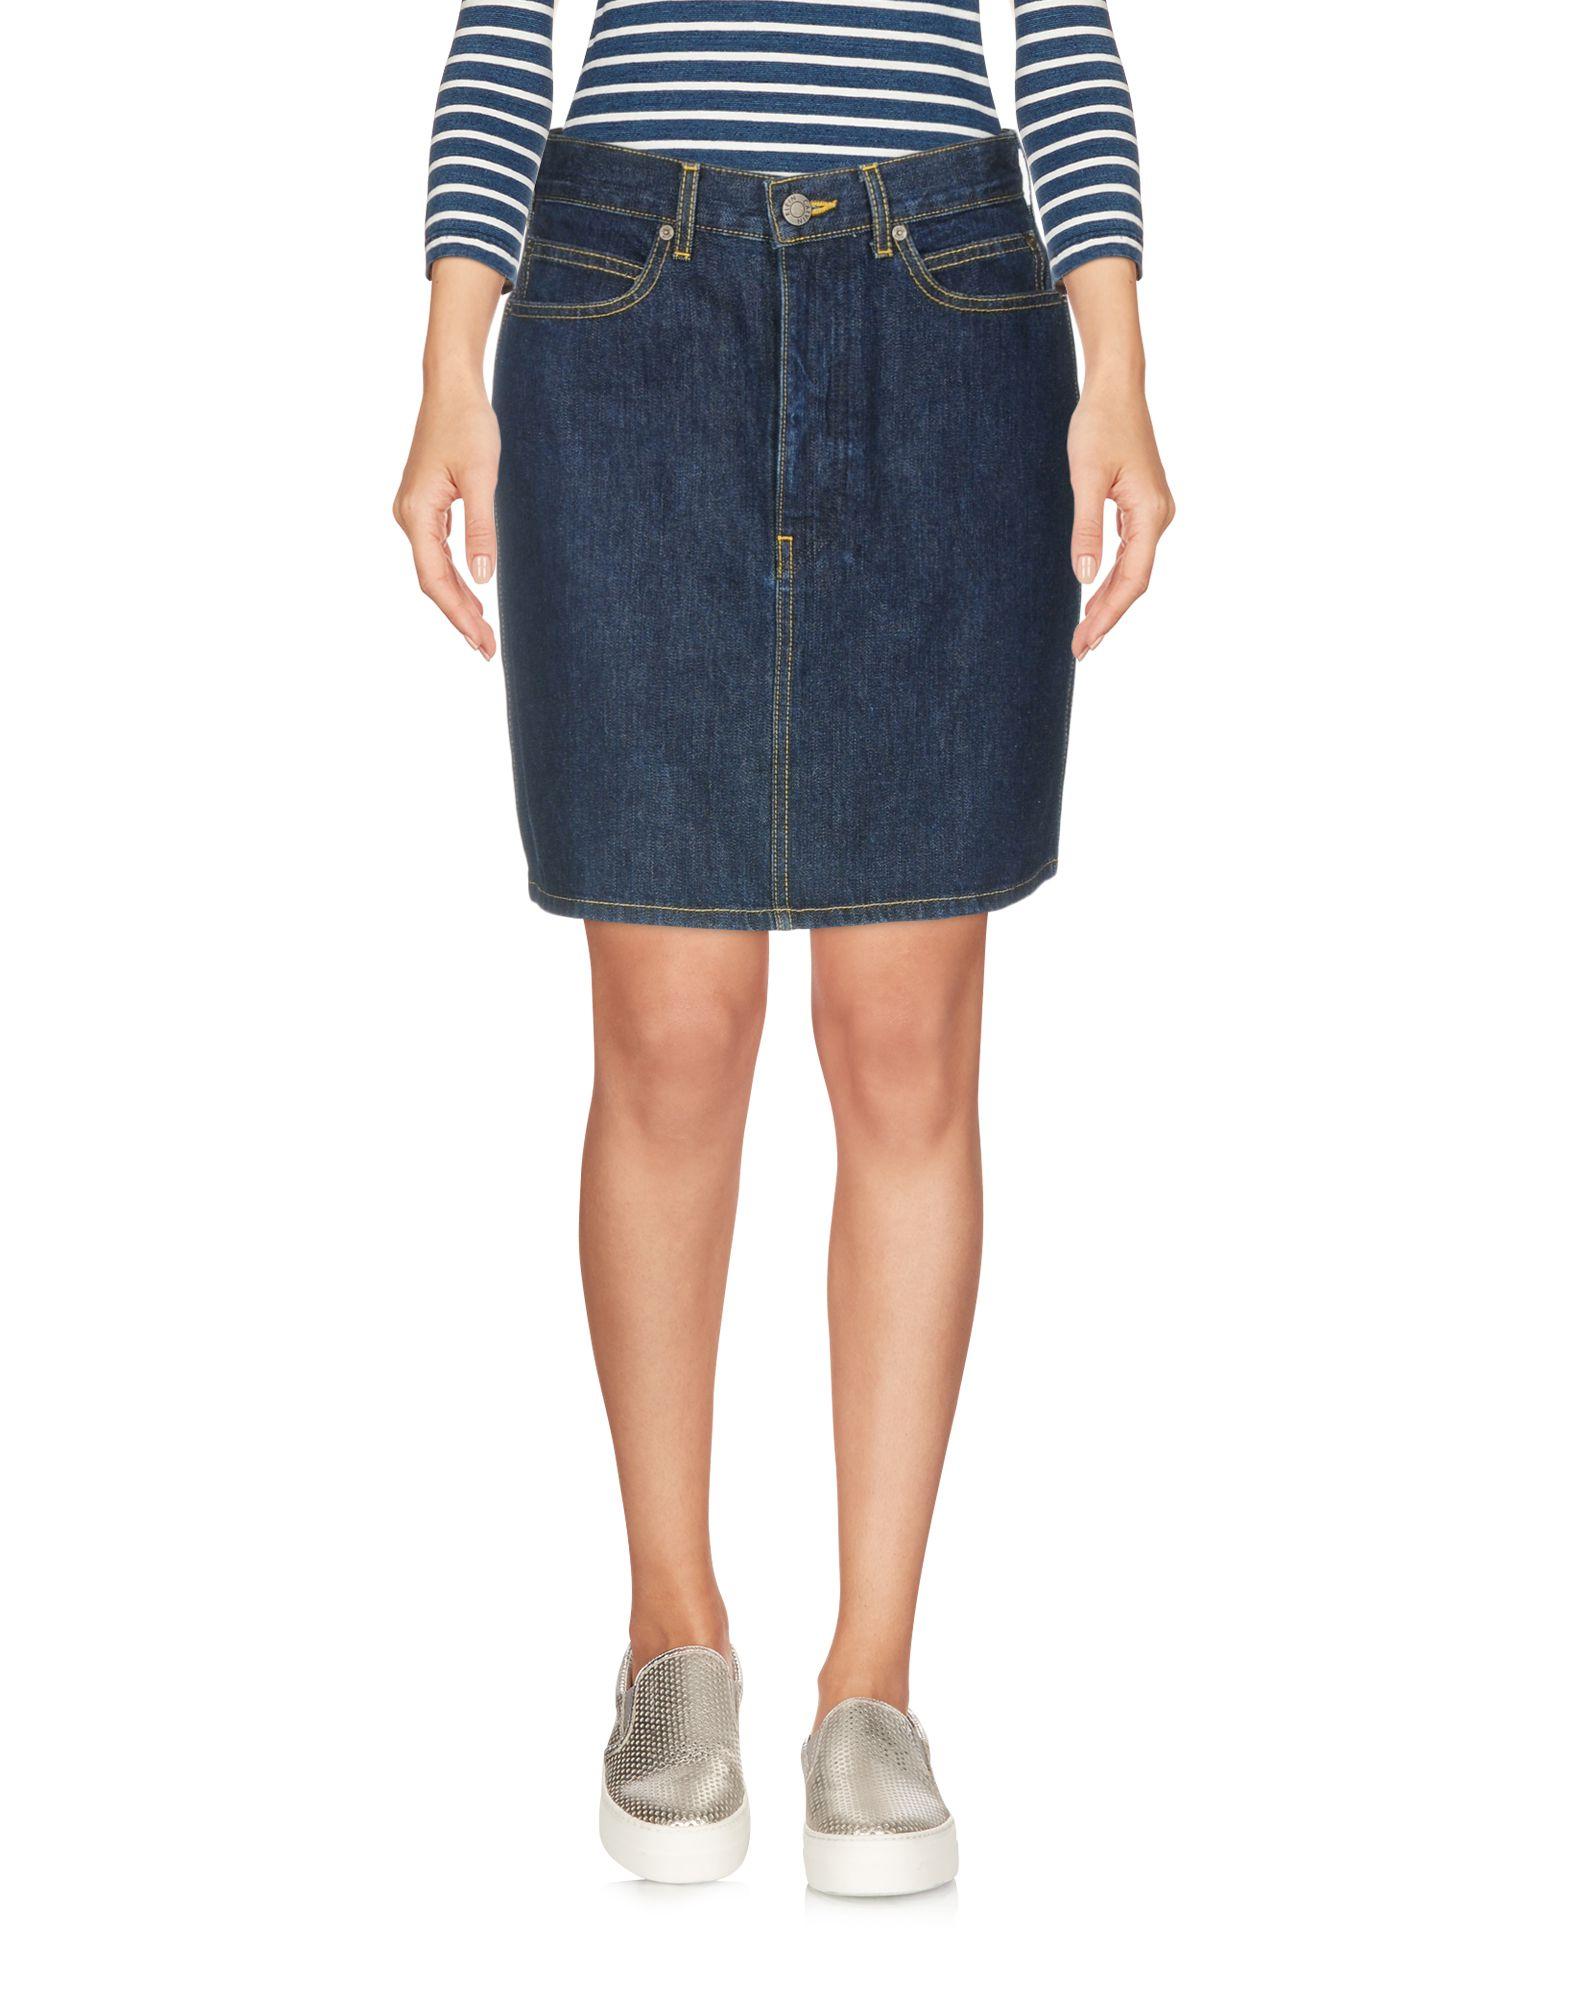 CALVIN KLEIN JEANS Denim Skirts in 102 Blue